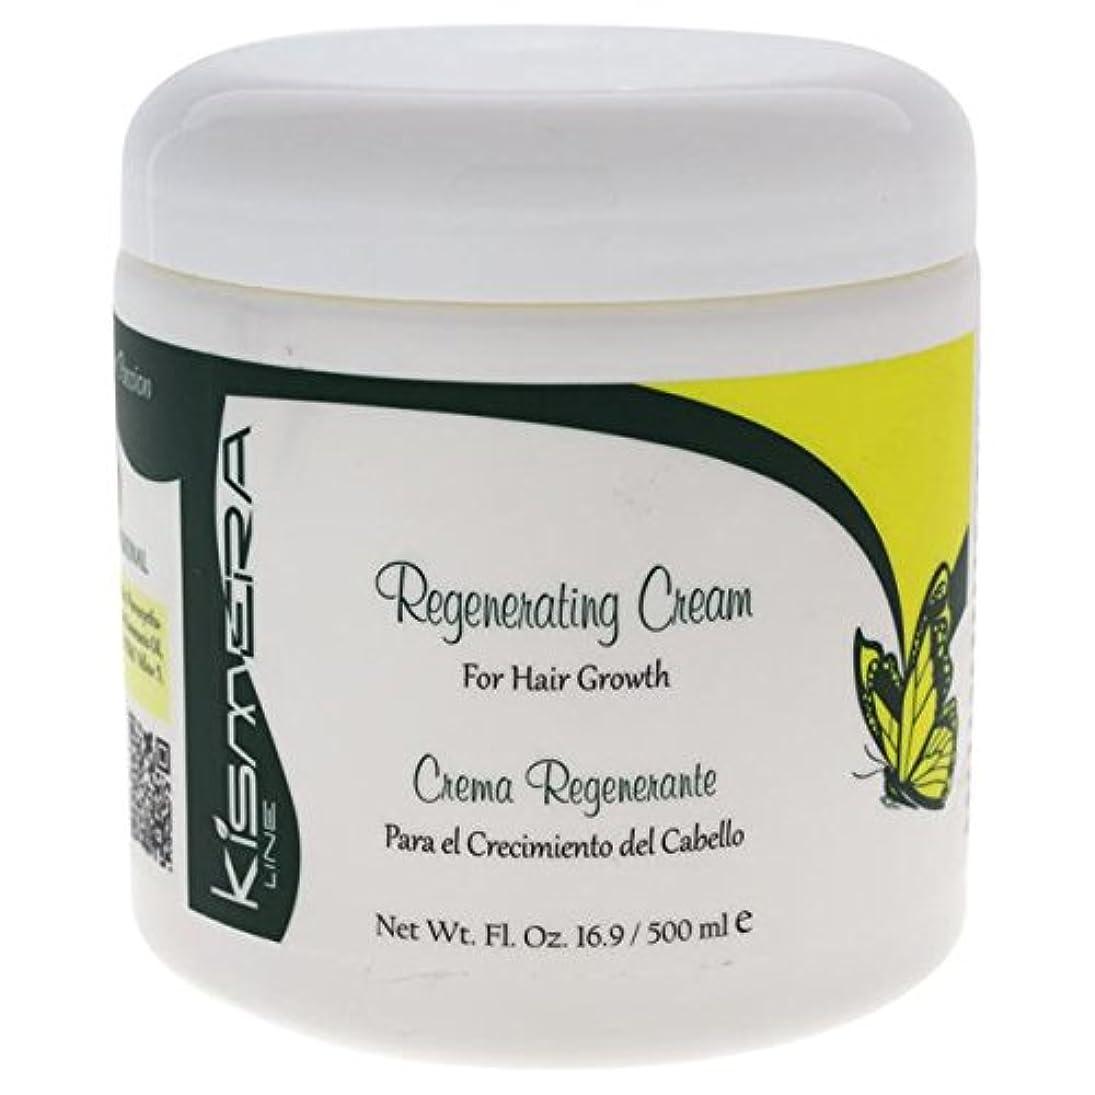 衰える鉄道番号Kismera Regenerating Cream for Hair Growth 16.9oz by KUZ